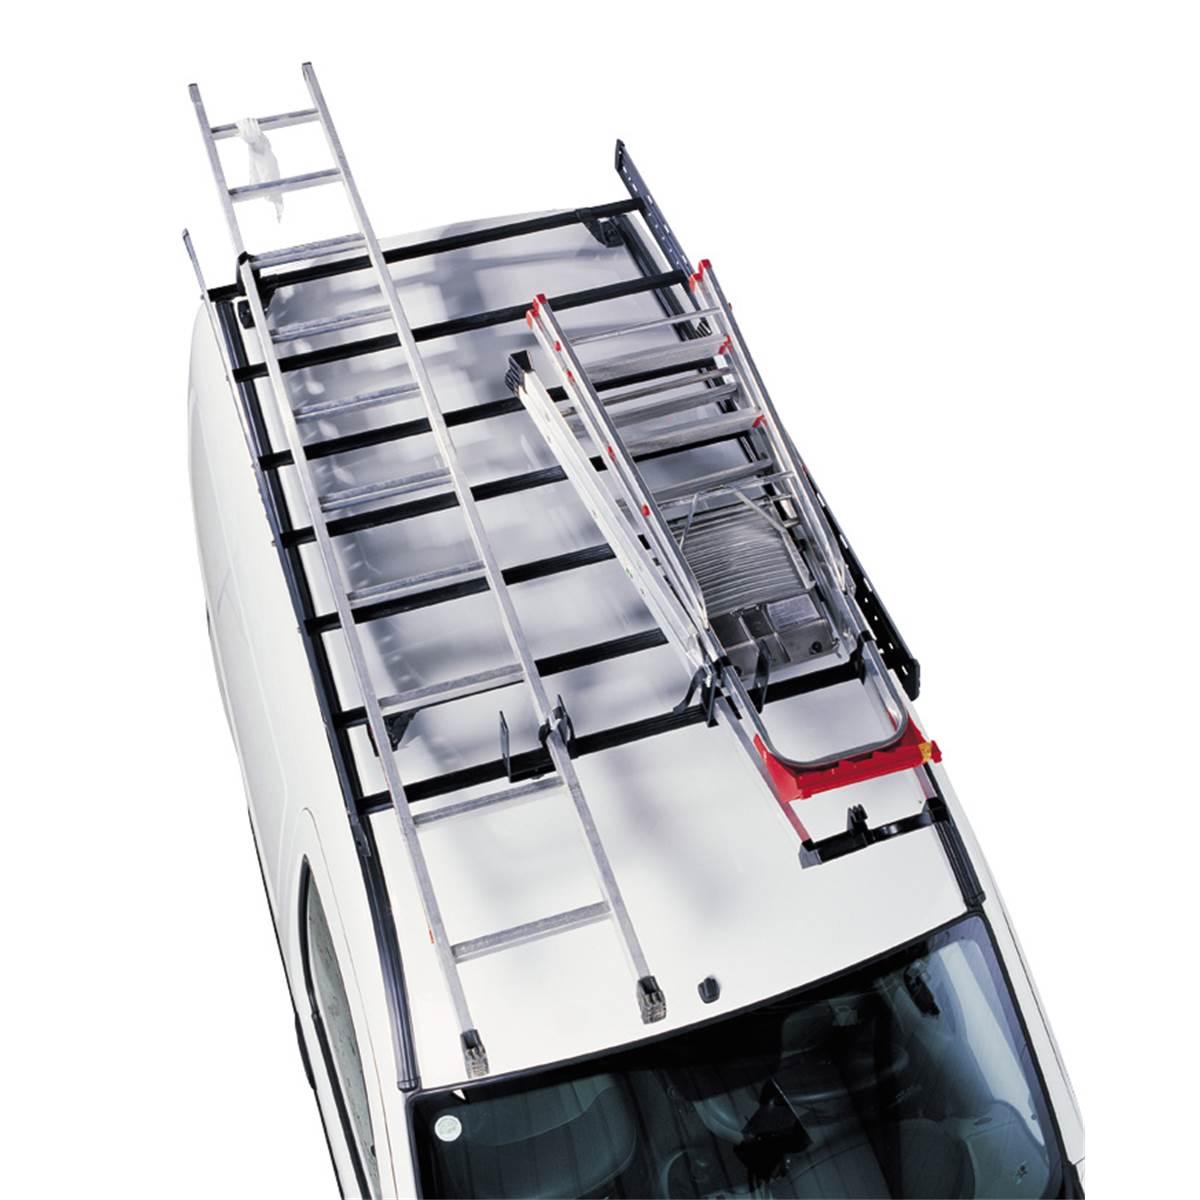 Galerie pour véhicule utilitaire PRO DECK MONT BLANC 502